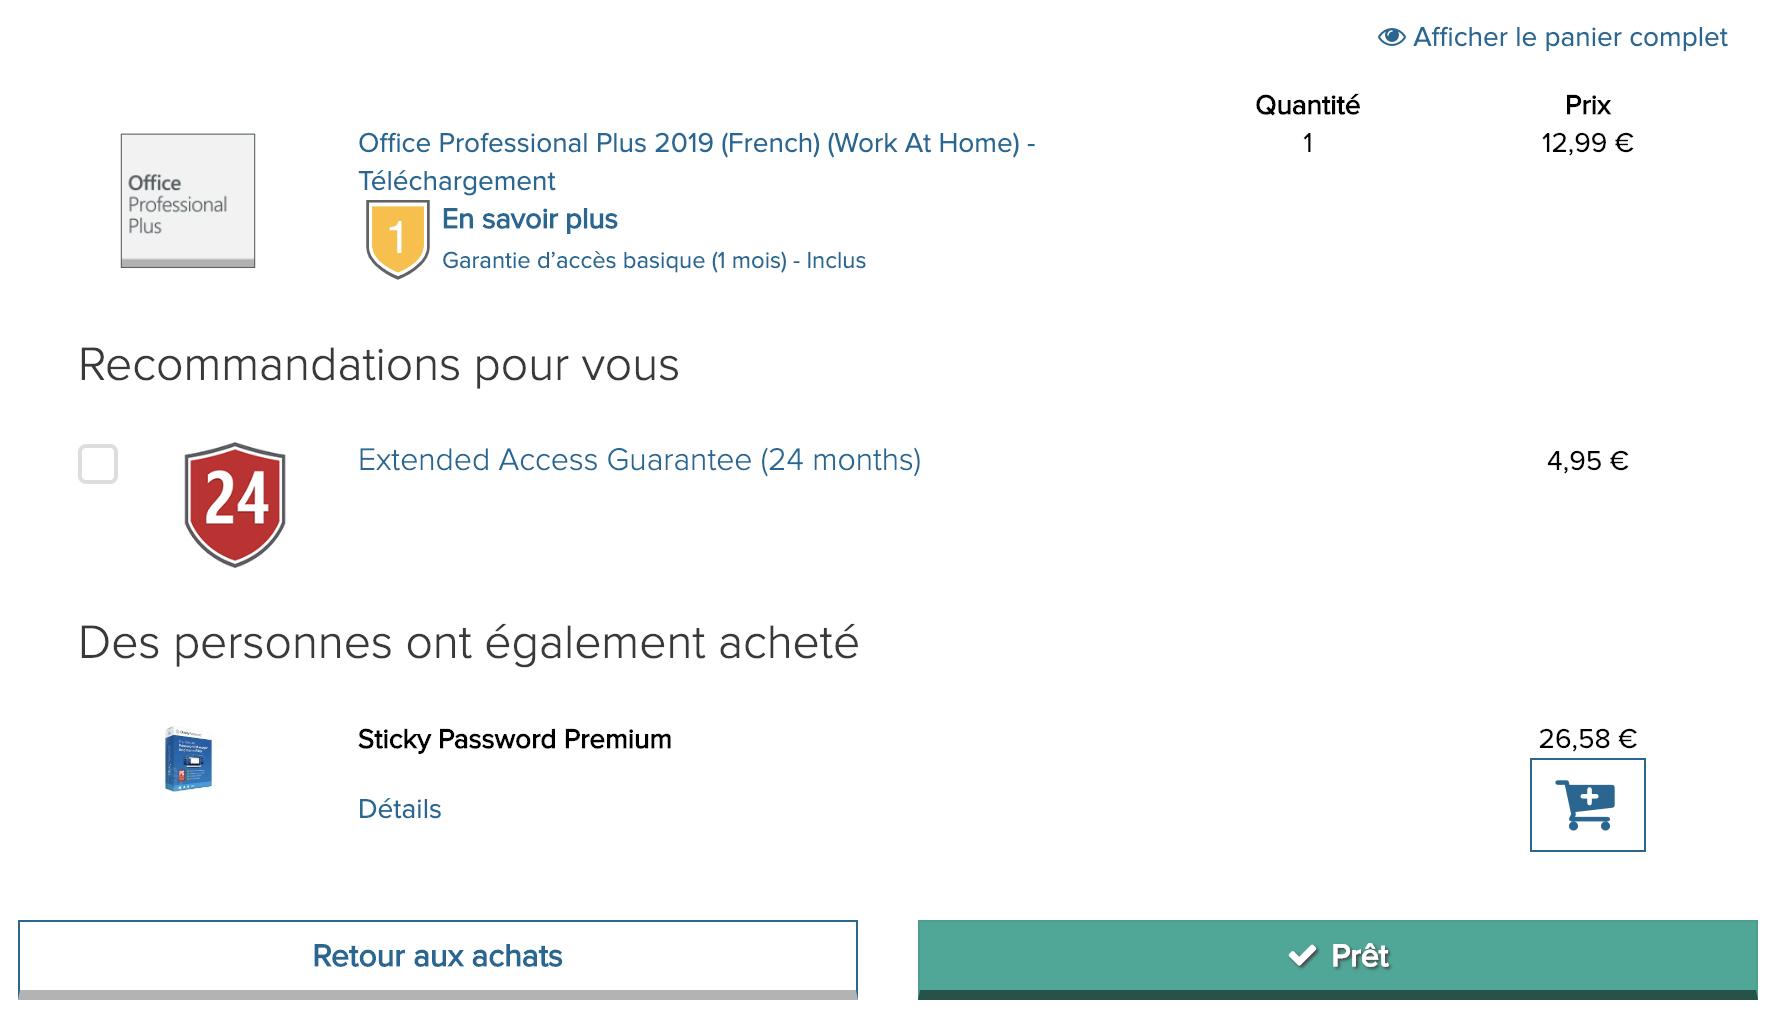 Achetez Office 2019 Pour 16 Euros Et Beneficiez Gratuitement De